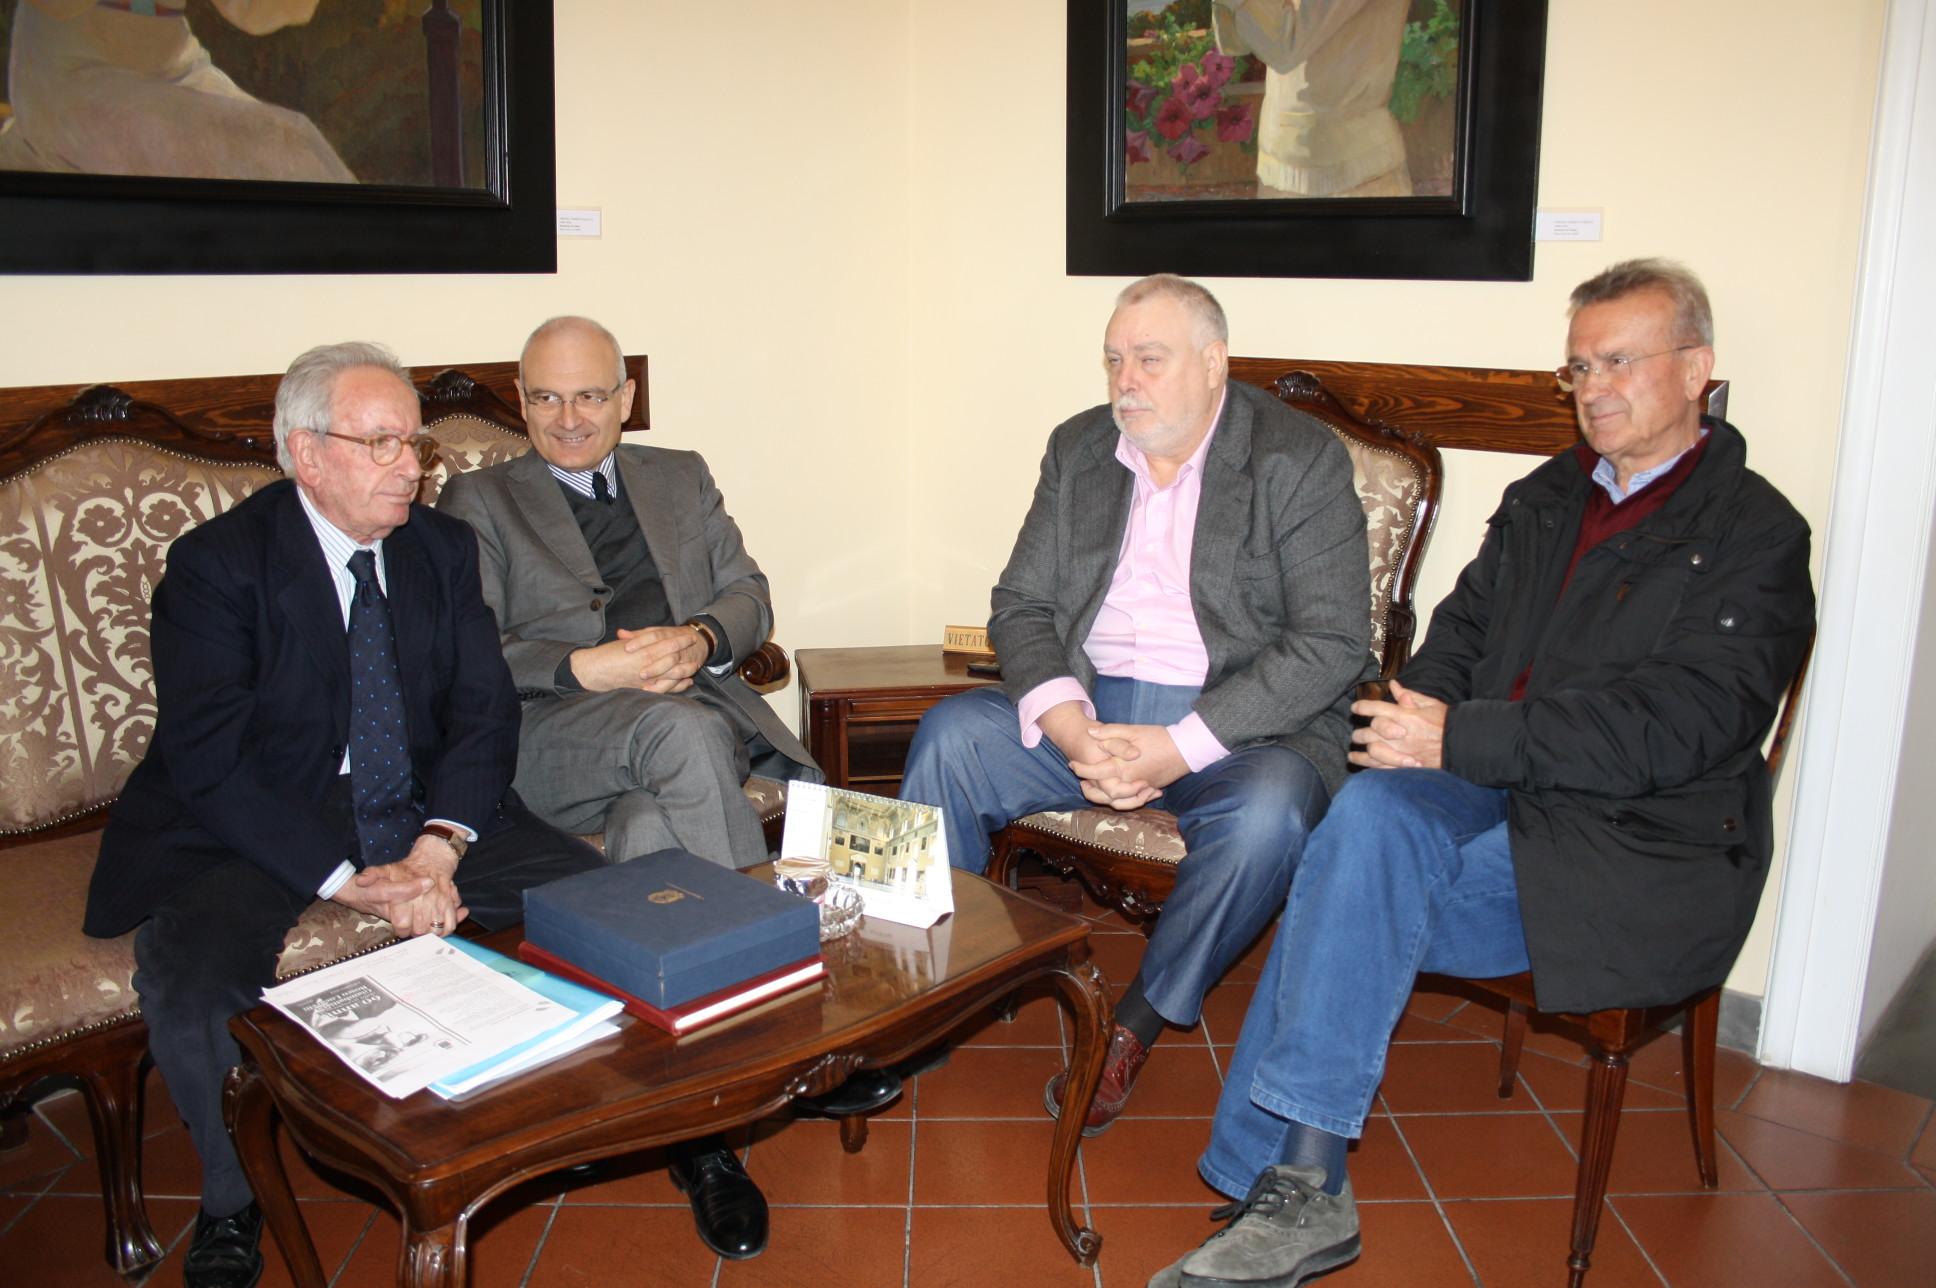 Incontro di Ricci con Mataluni, Costanzo e Pedicini per valutazione su realtà socio-economica-culturale